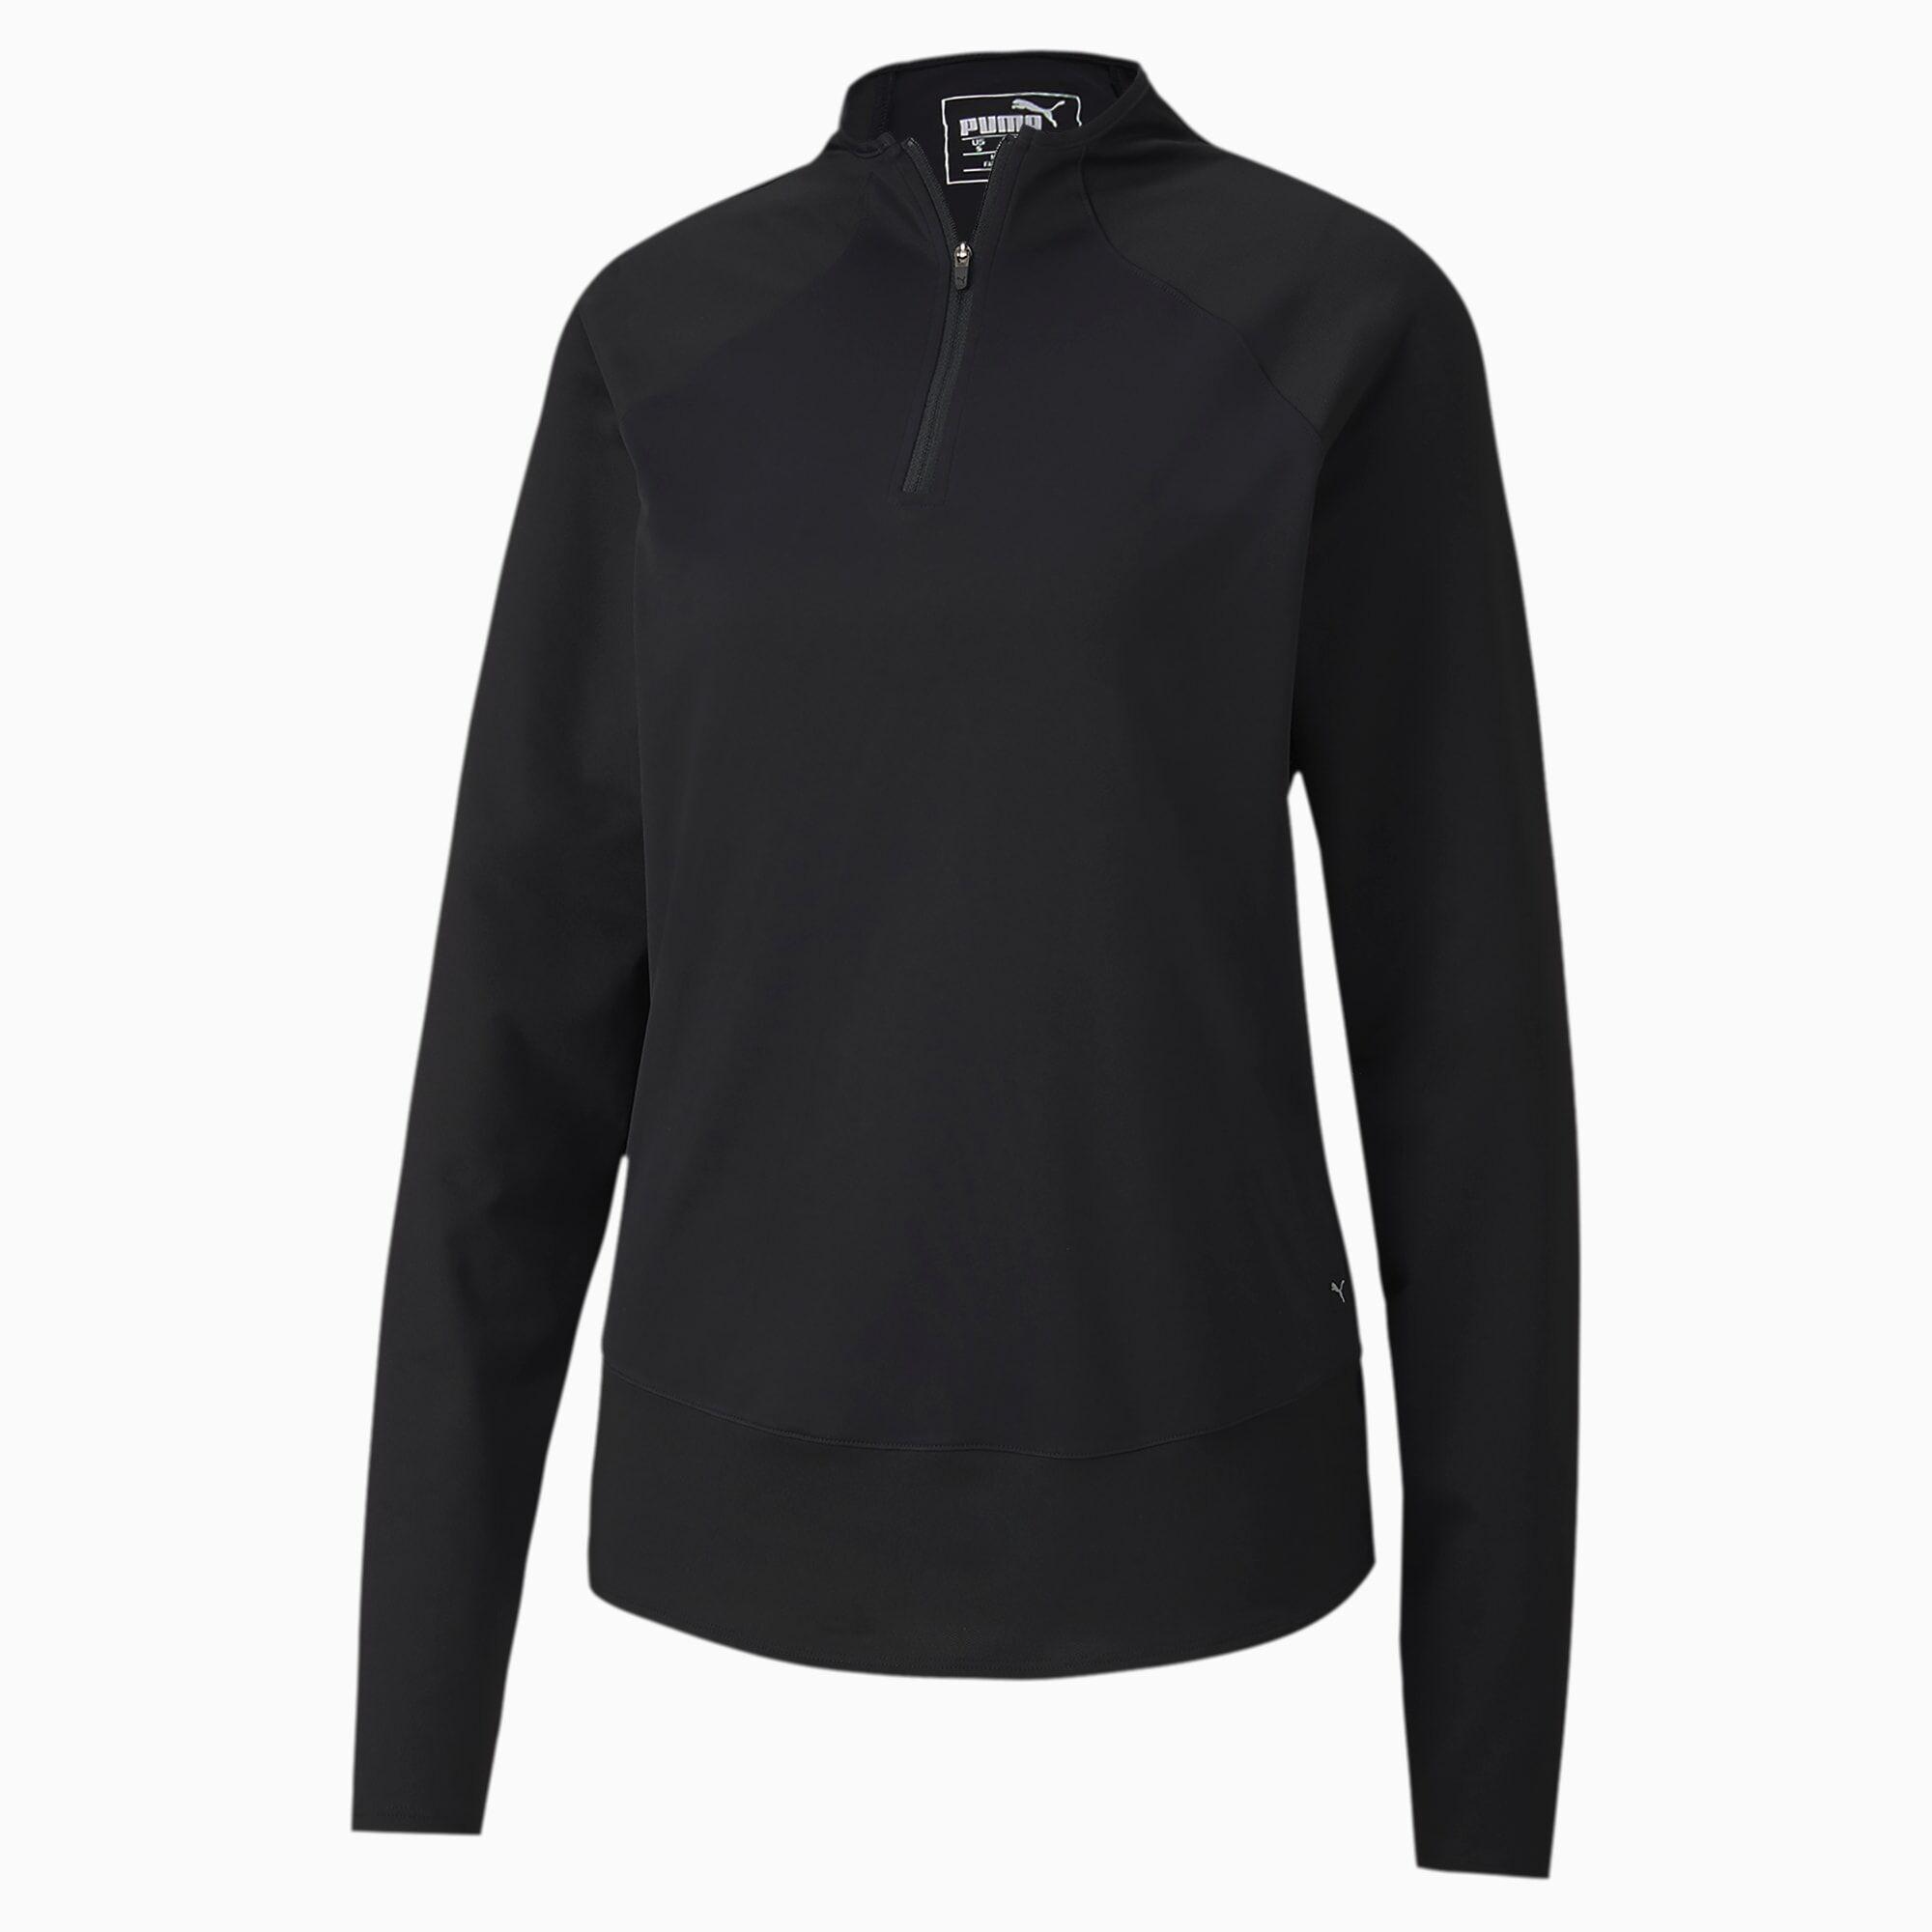 PUMA Pull de golf Mesh 1/4 Zip pour Femme, Noir, Taille XS, Vêtements